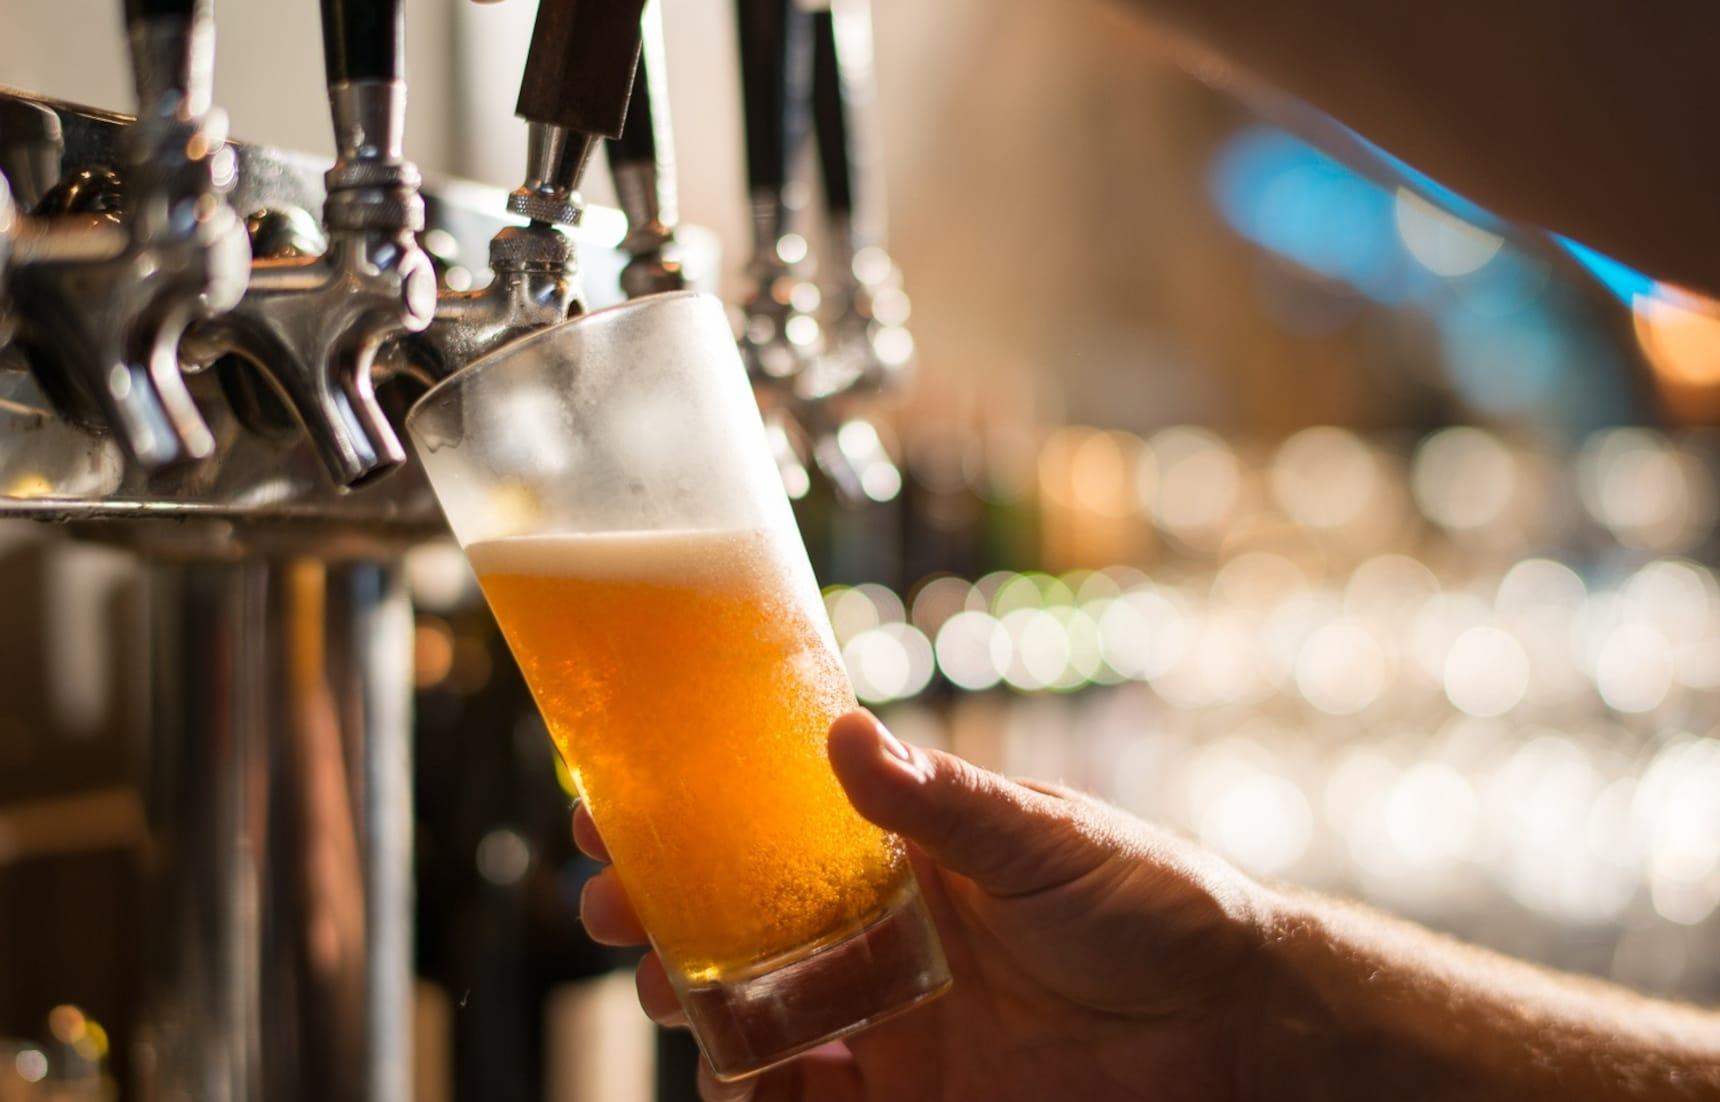 '맥주 소비량 세계 1위' 일본의 다양한 맥주